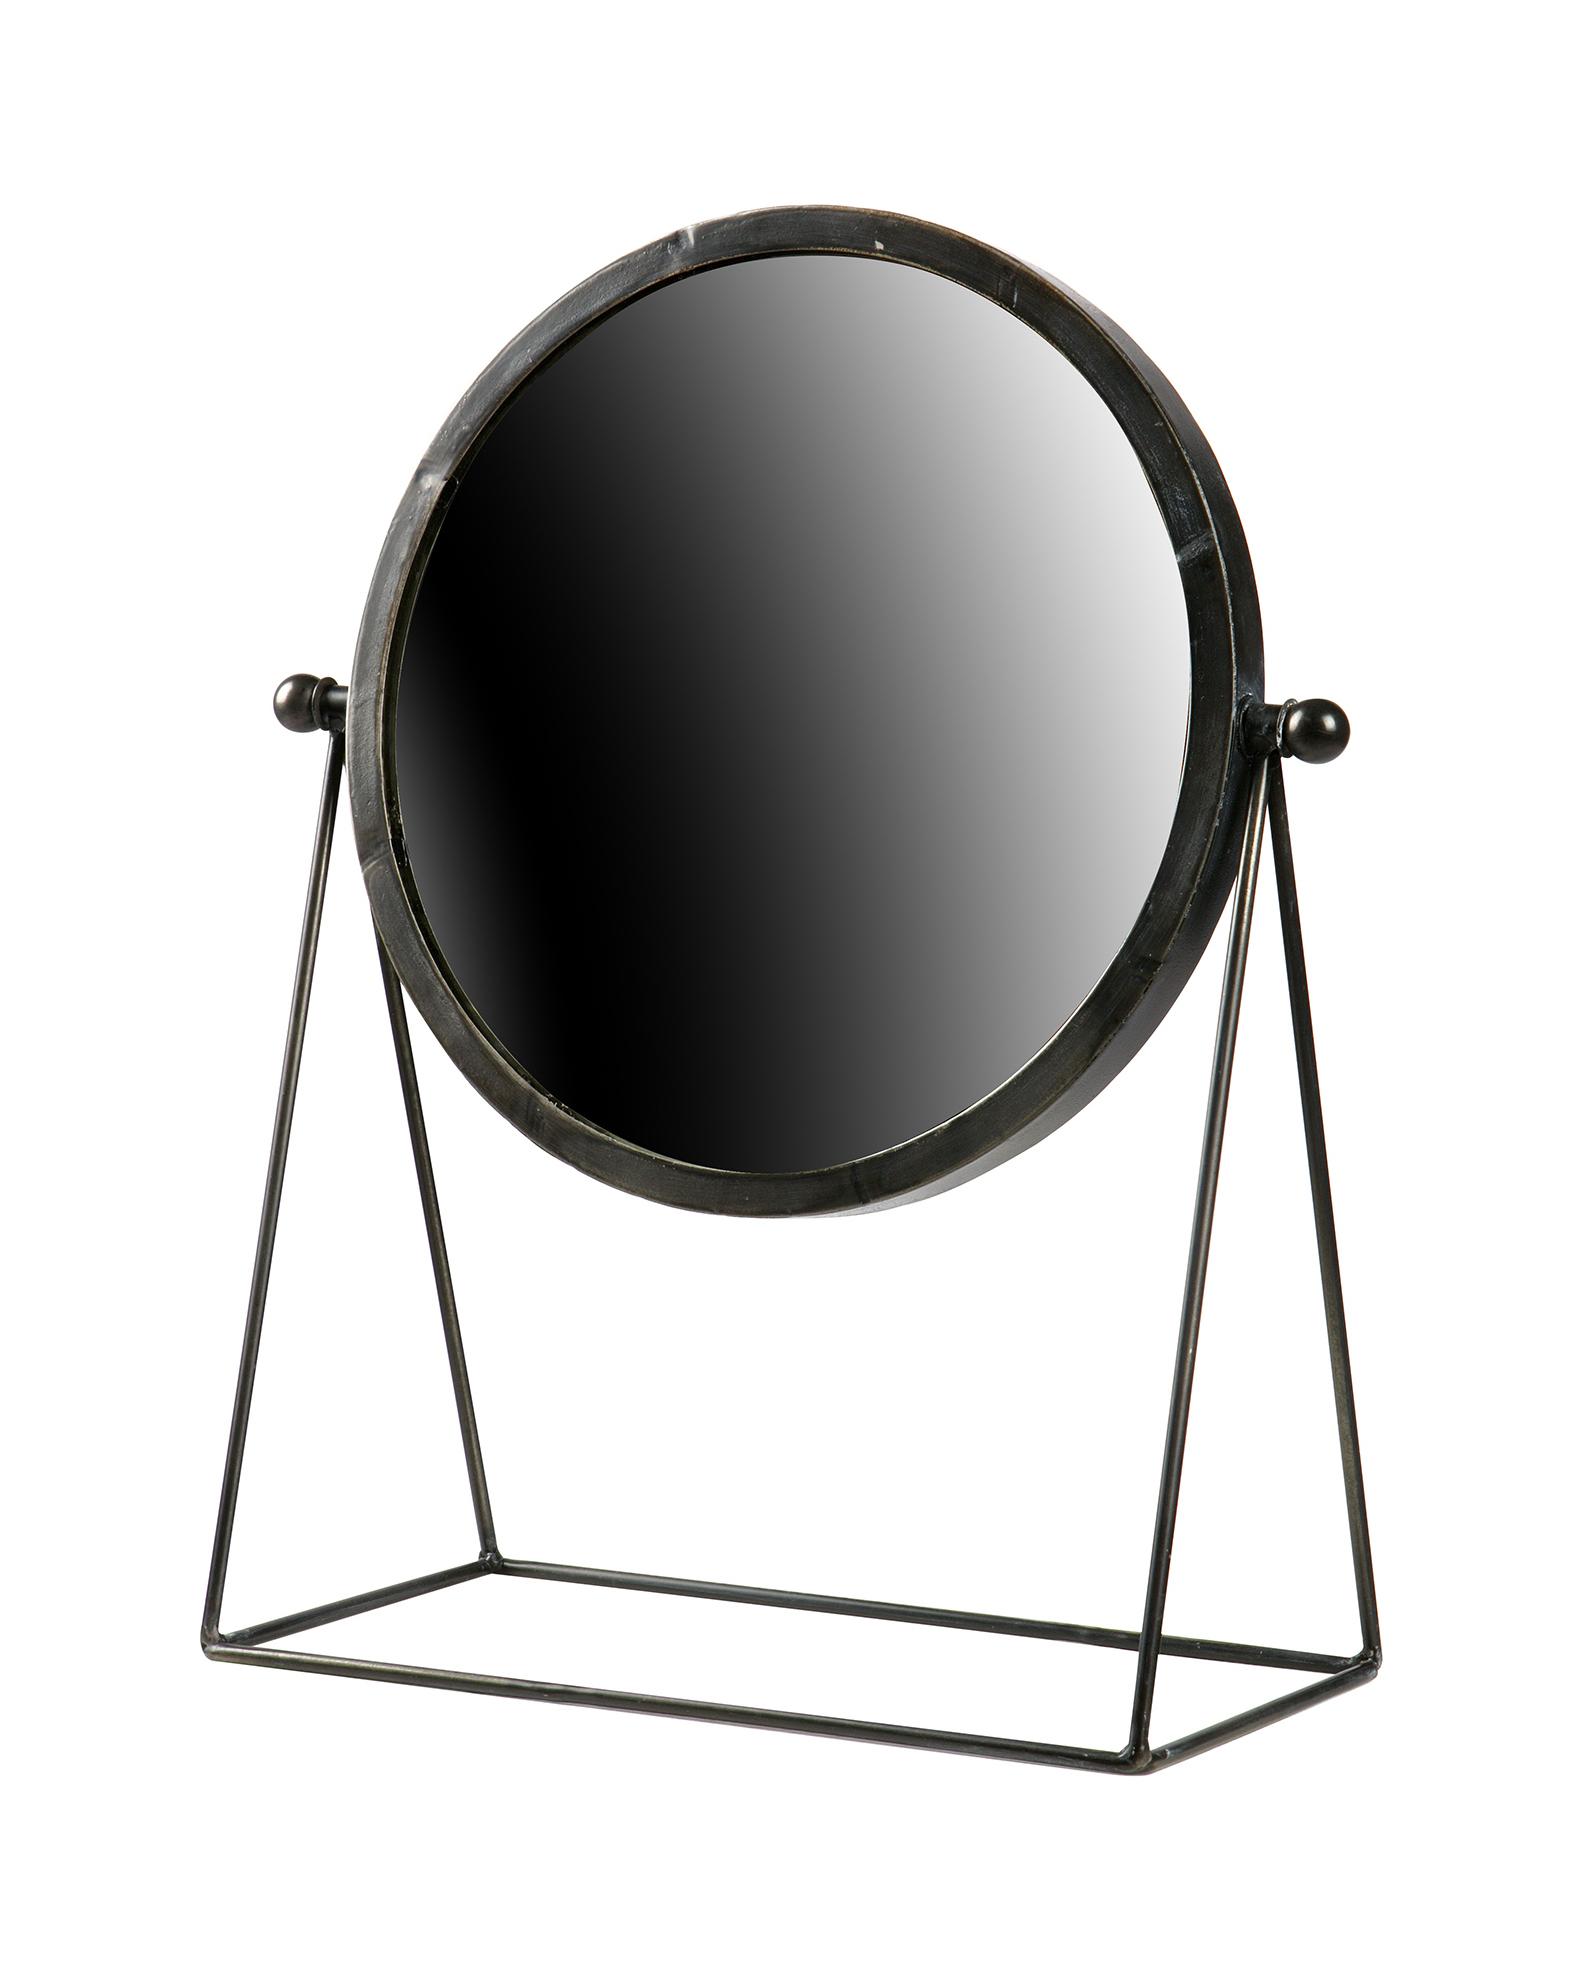 BePureHome Tafelspiegel 'Hi' BePureHome 30953 kopen